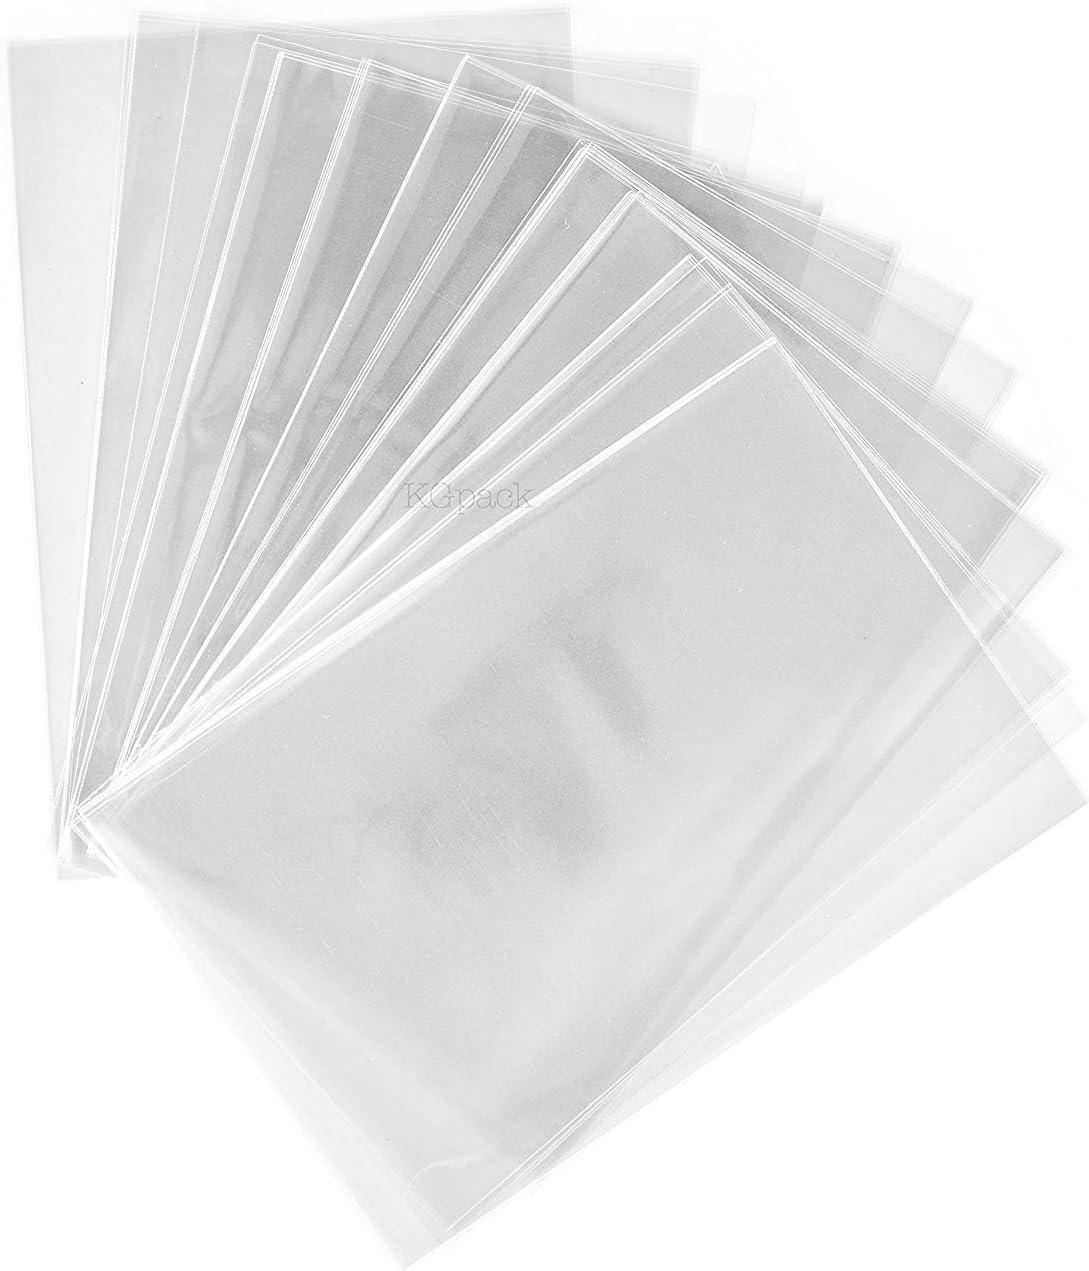 kgpack 200x Bolsas de plástico de celofán Transparente 15 x 20 cmBolsitas de Bolsas de plástico para Galletas Galletas Dulces Tortas de Dulces Magdalenas de Chocolate PiruletaBolsas de Decoracións